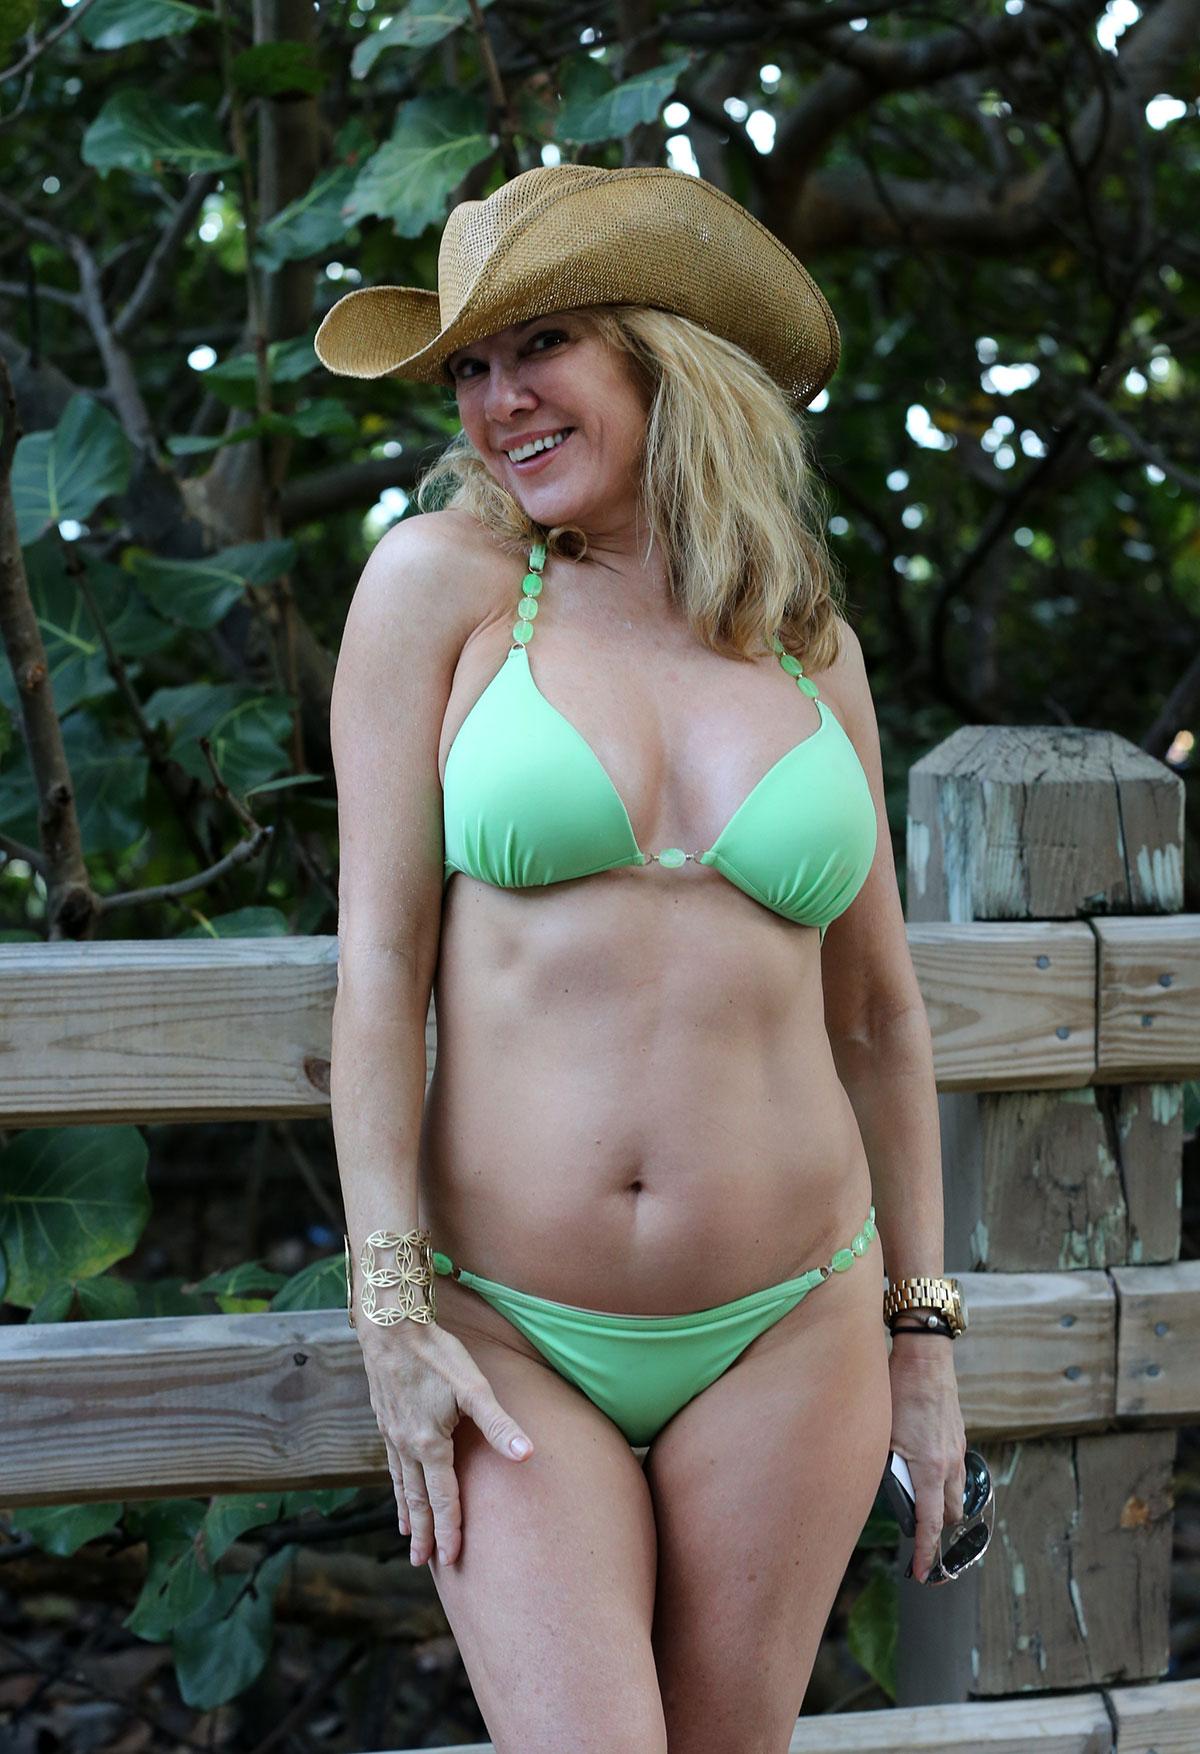 Bikini kill lead singer